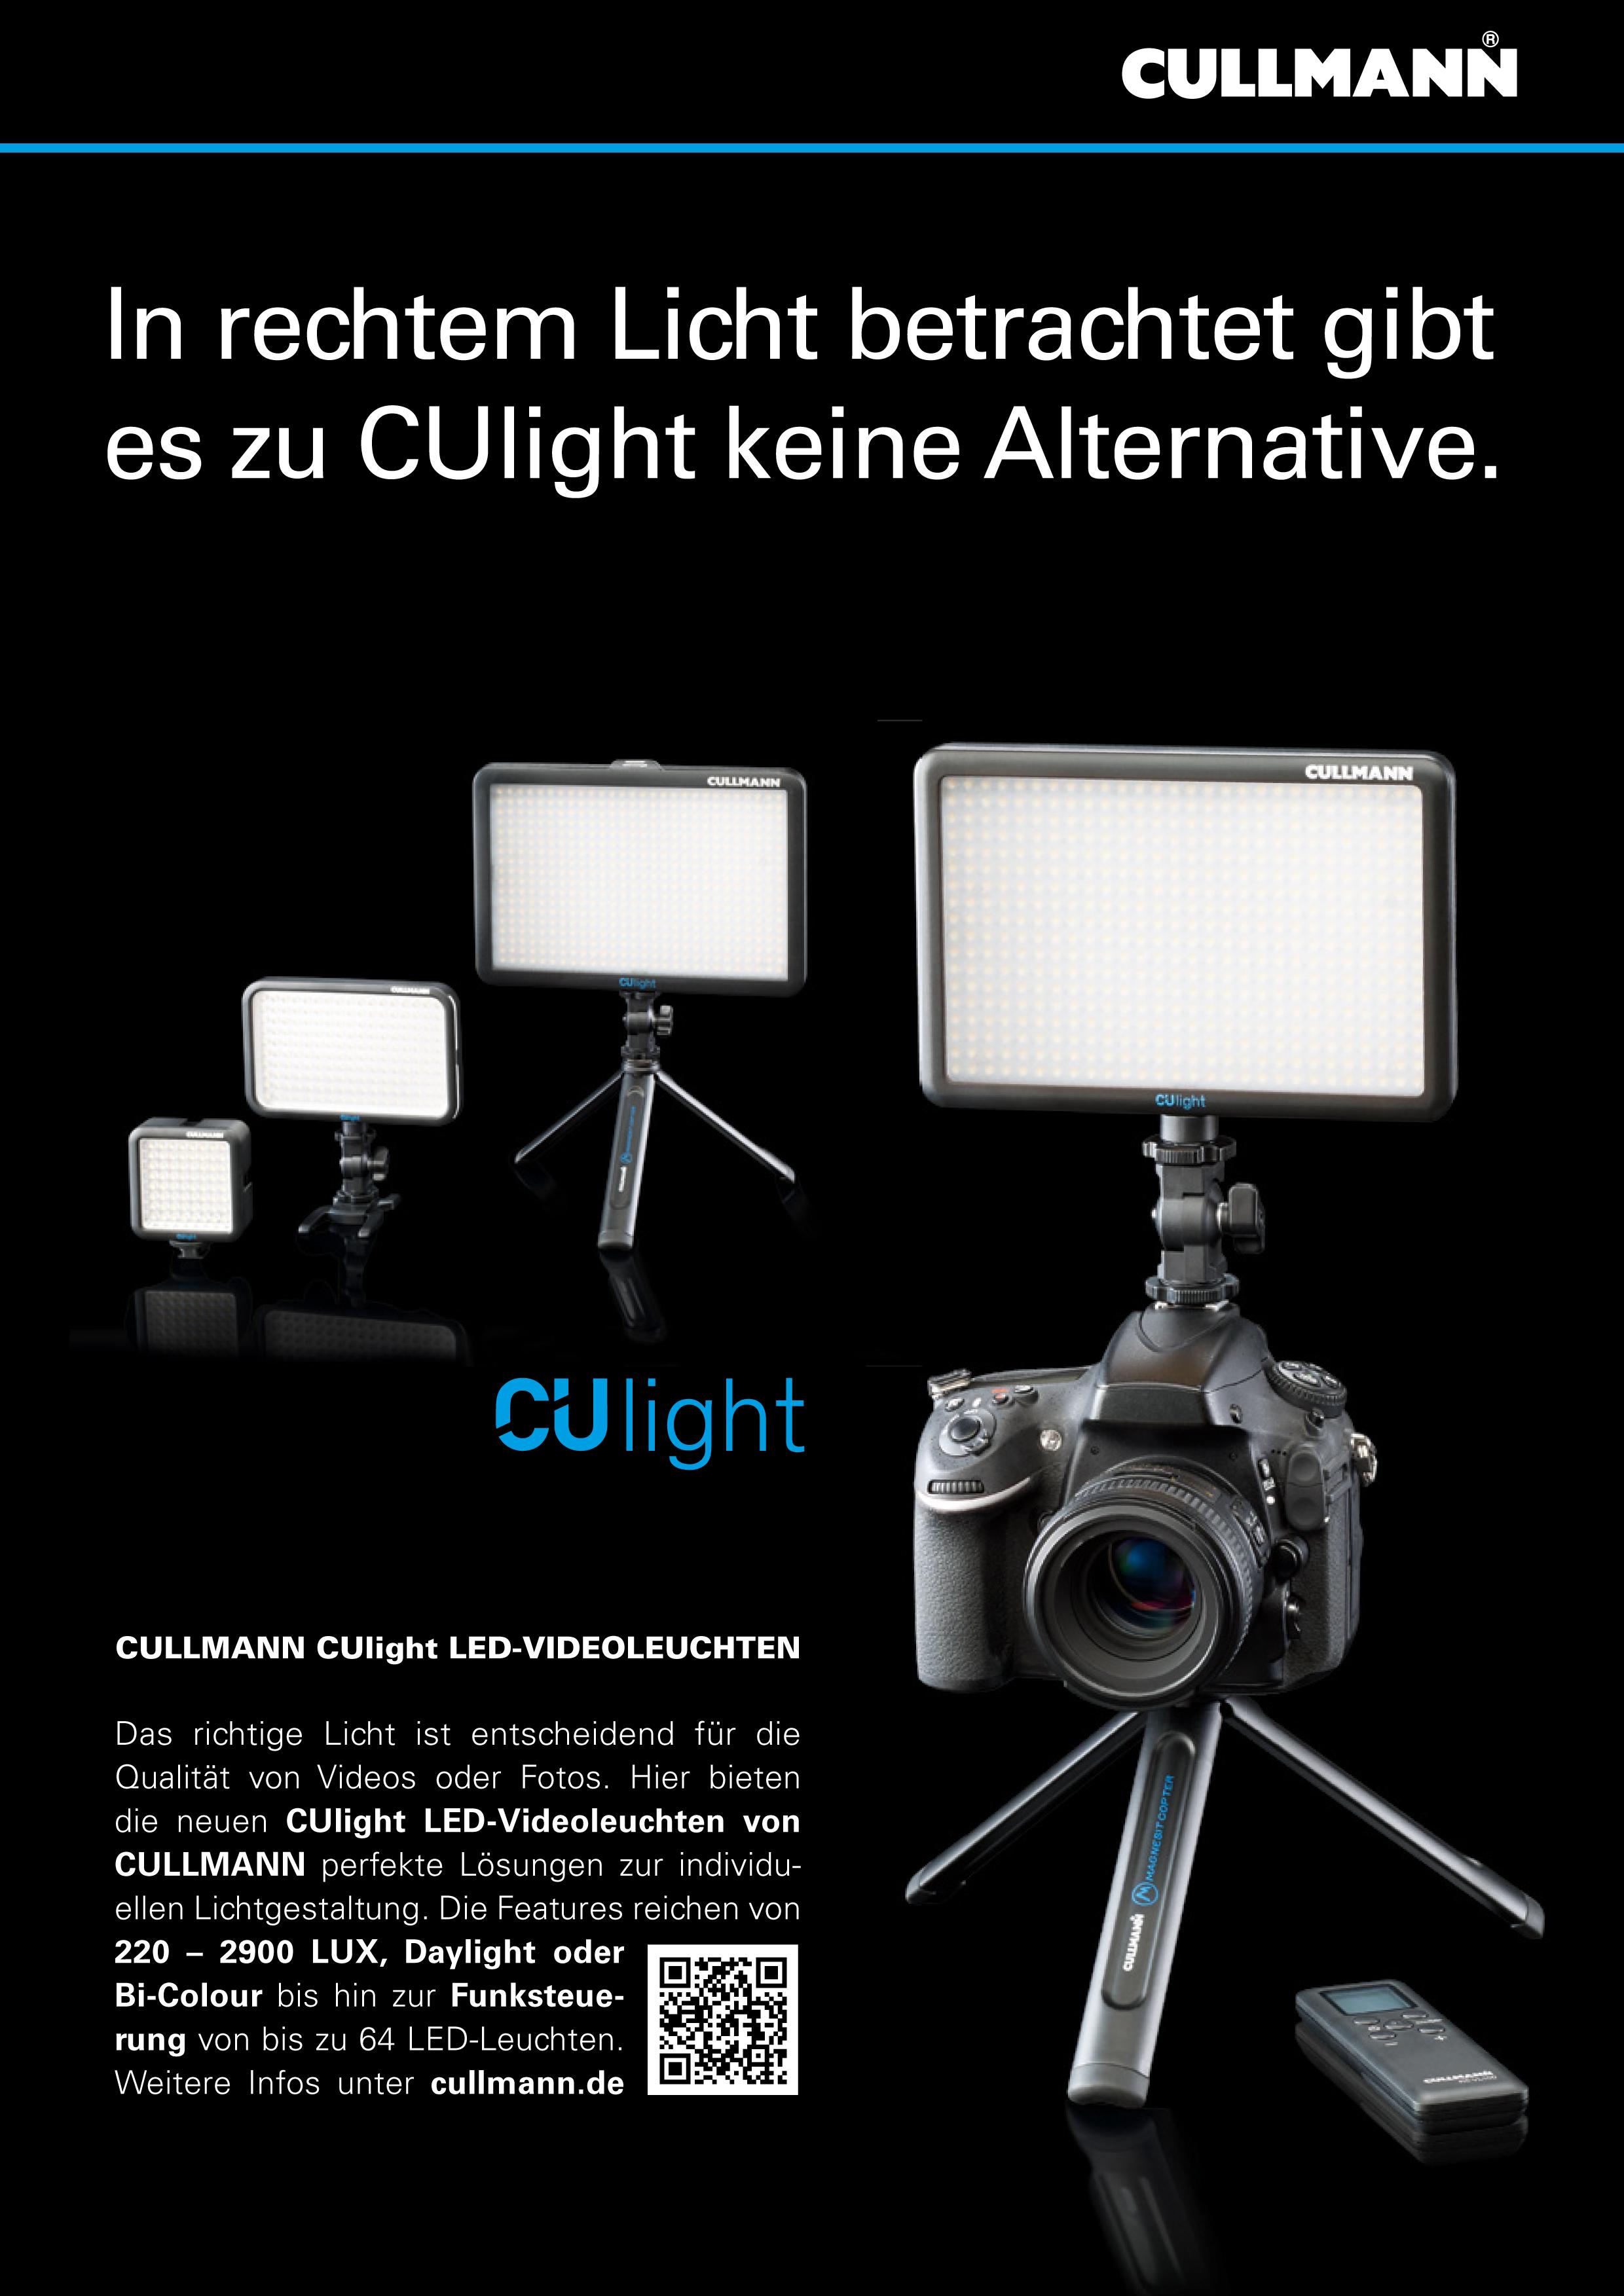 culight-led-videoleuchten